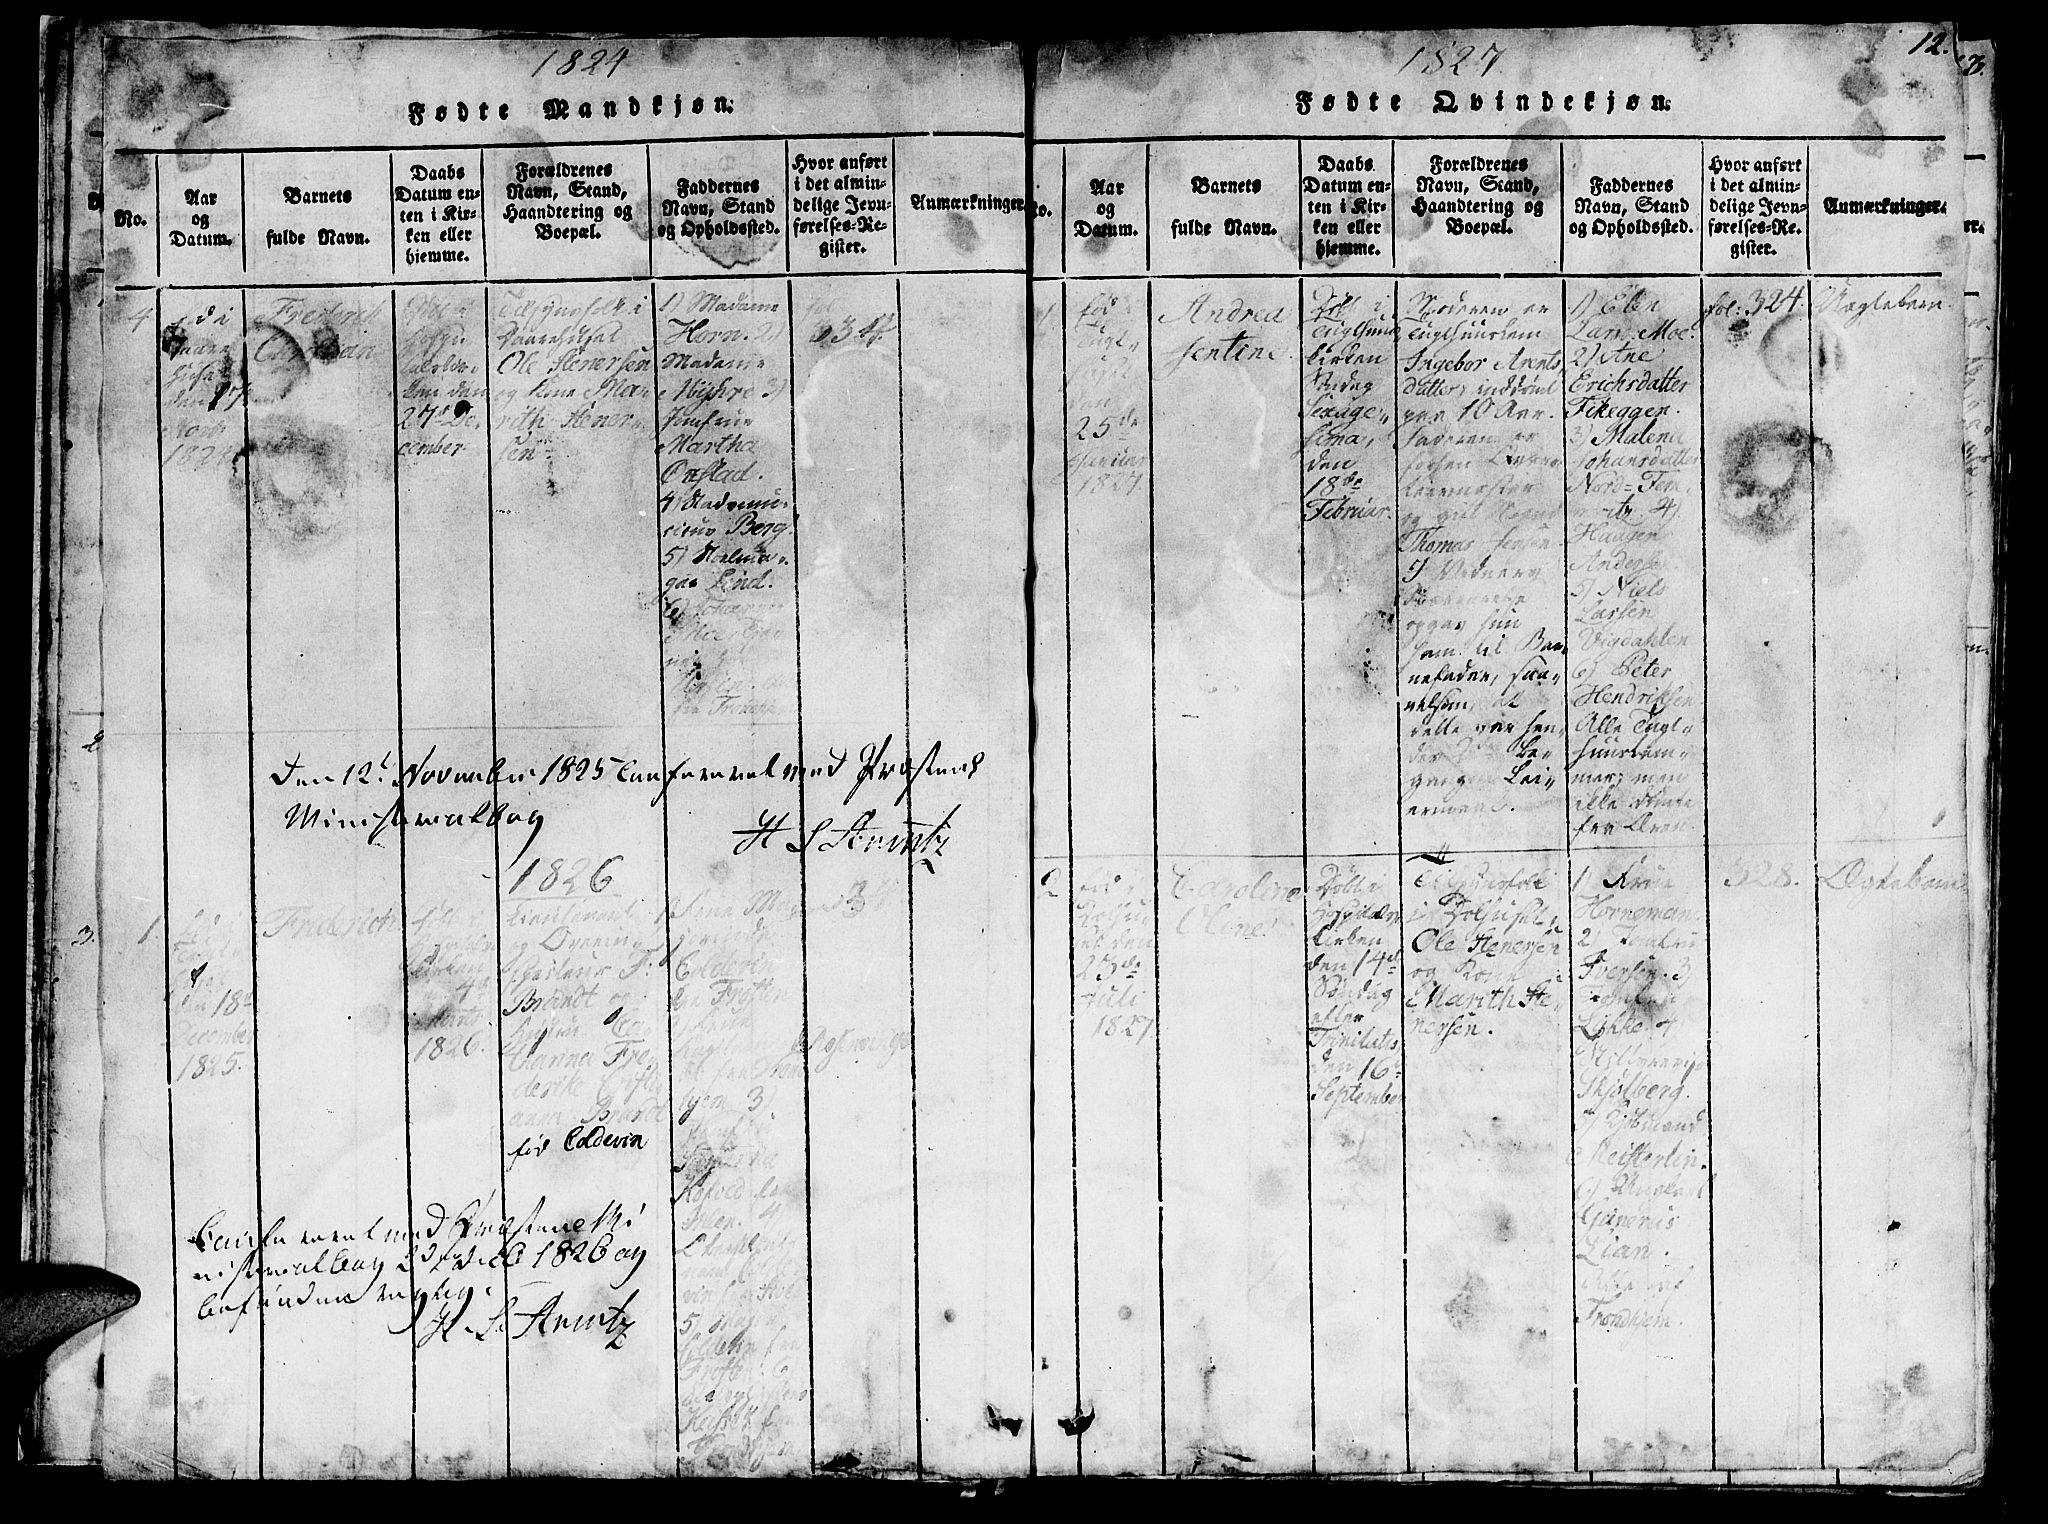 SAT, Ministerialprotokoller, klokkerbøker og fødselsregistre - Sør-Trøndelag, 623/L0478: Klokkerbok nr. 623C01, 1815-1873, s. 12